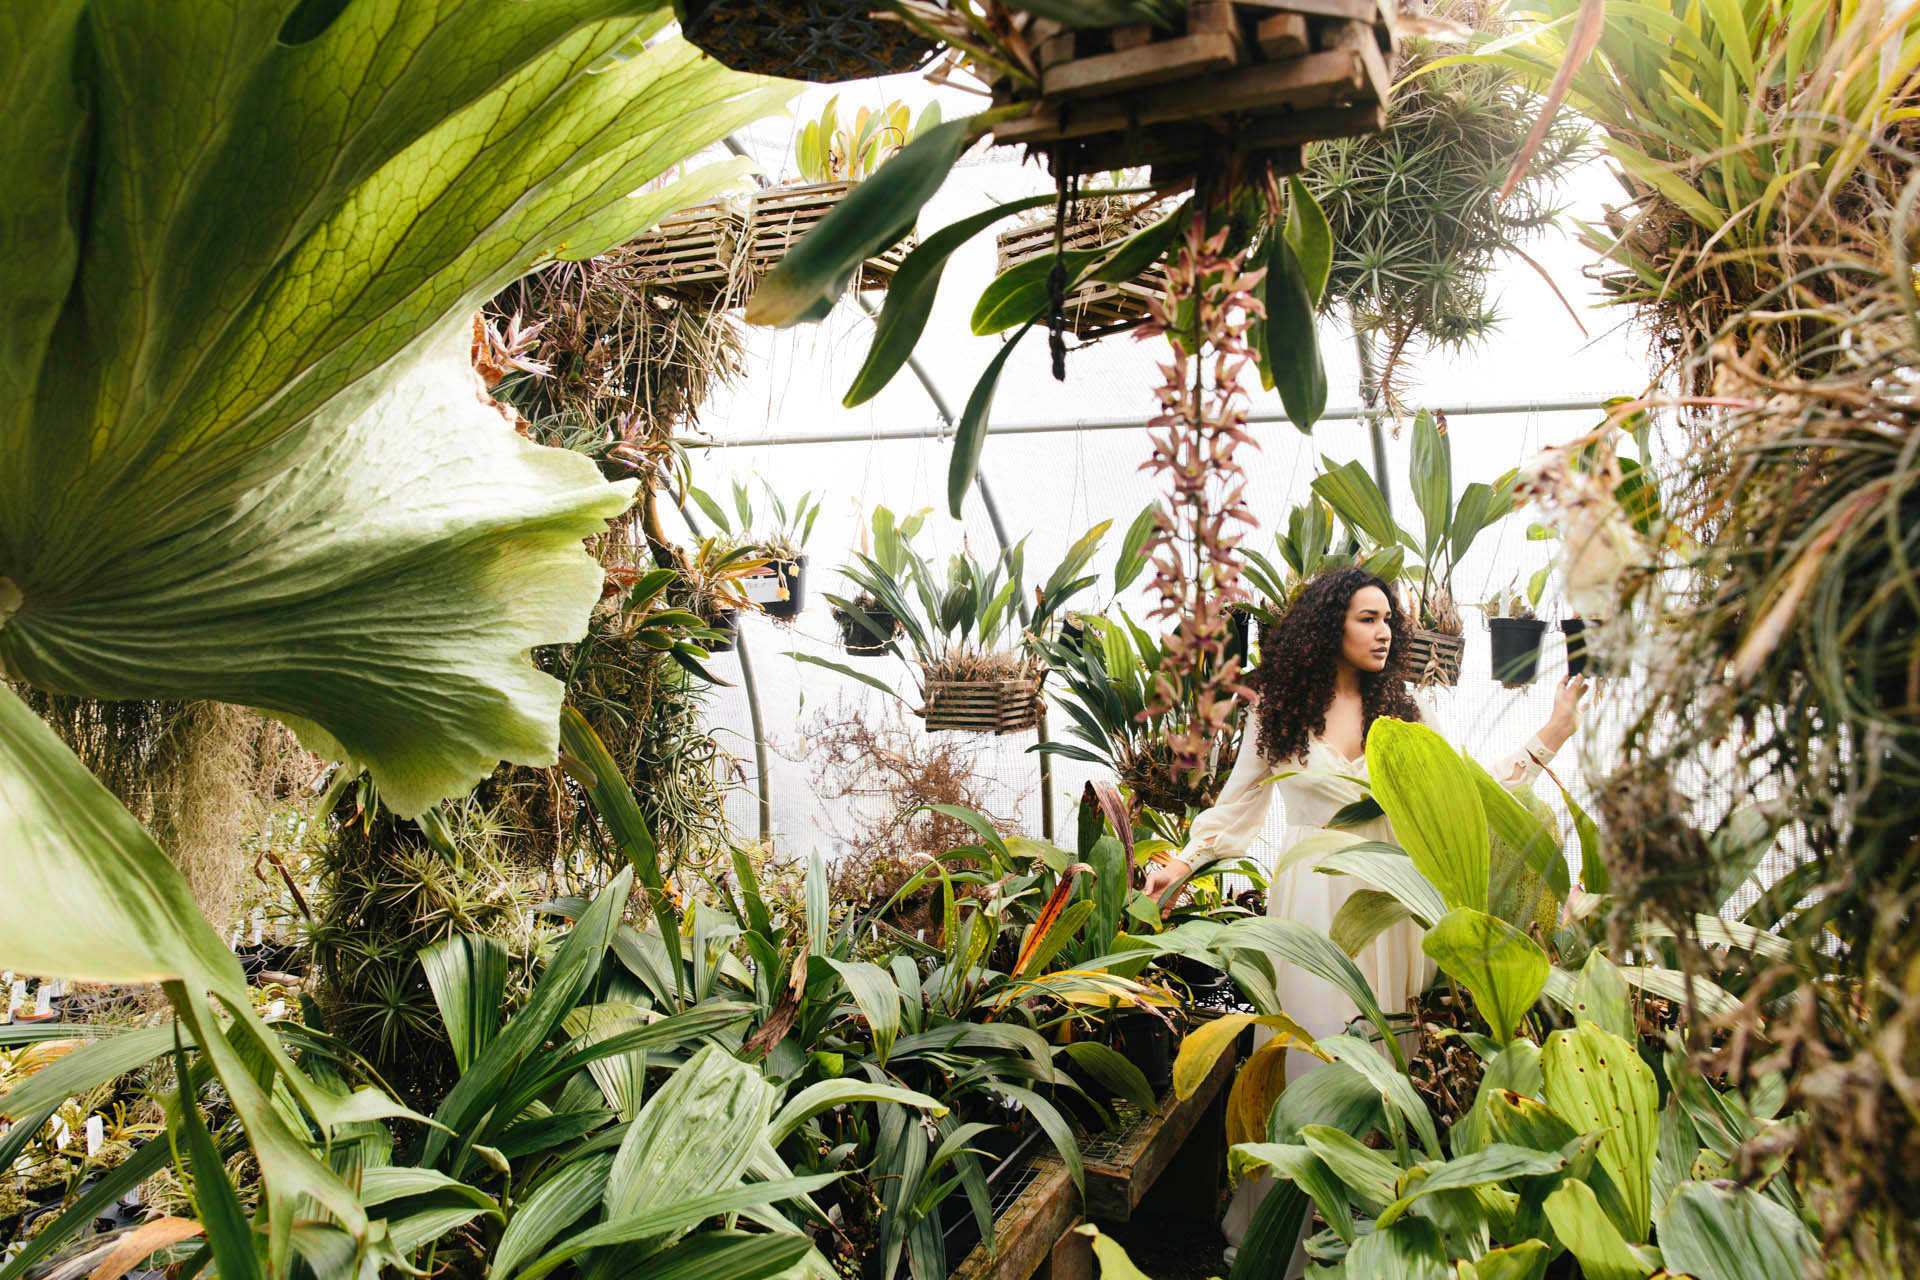 green_garden_goddess.jpg